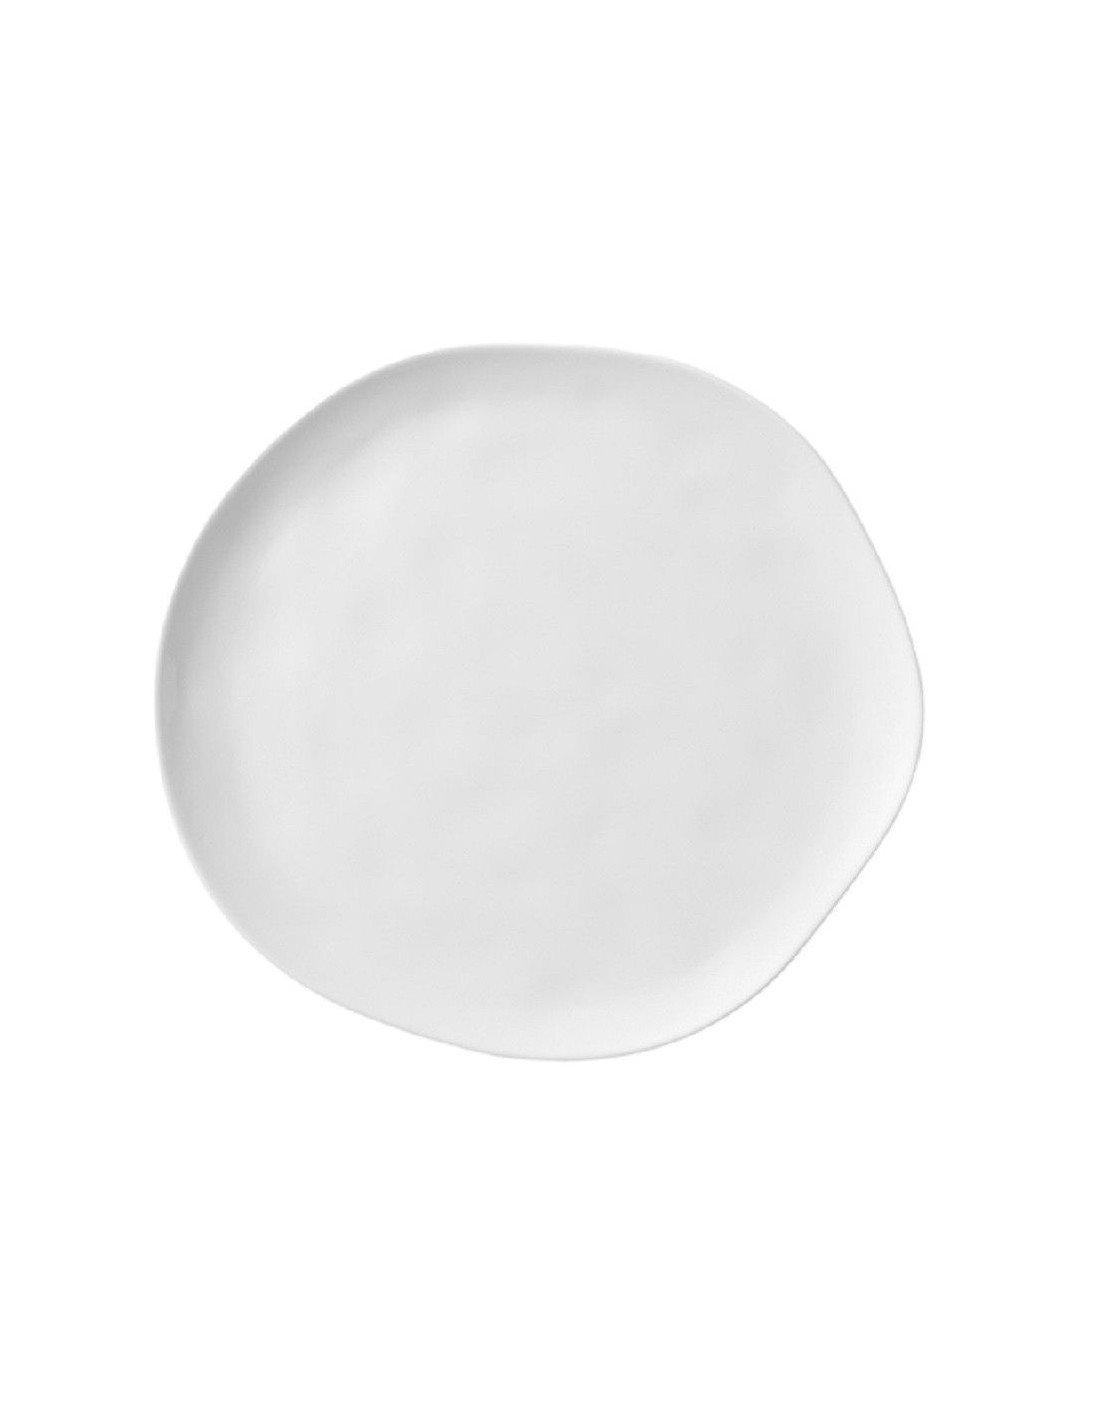 r der design grande assiette en porcelaine blanche par 4. Black Bedroom Furniture Sets. Home Design Ideas